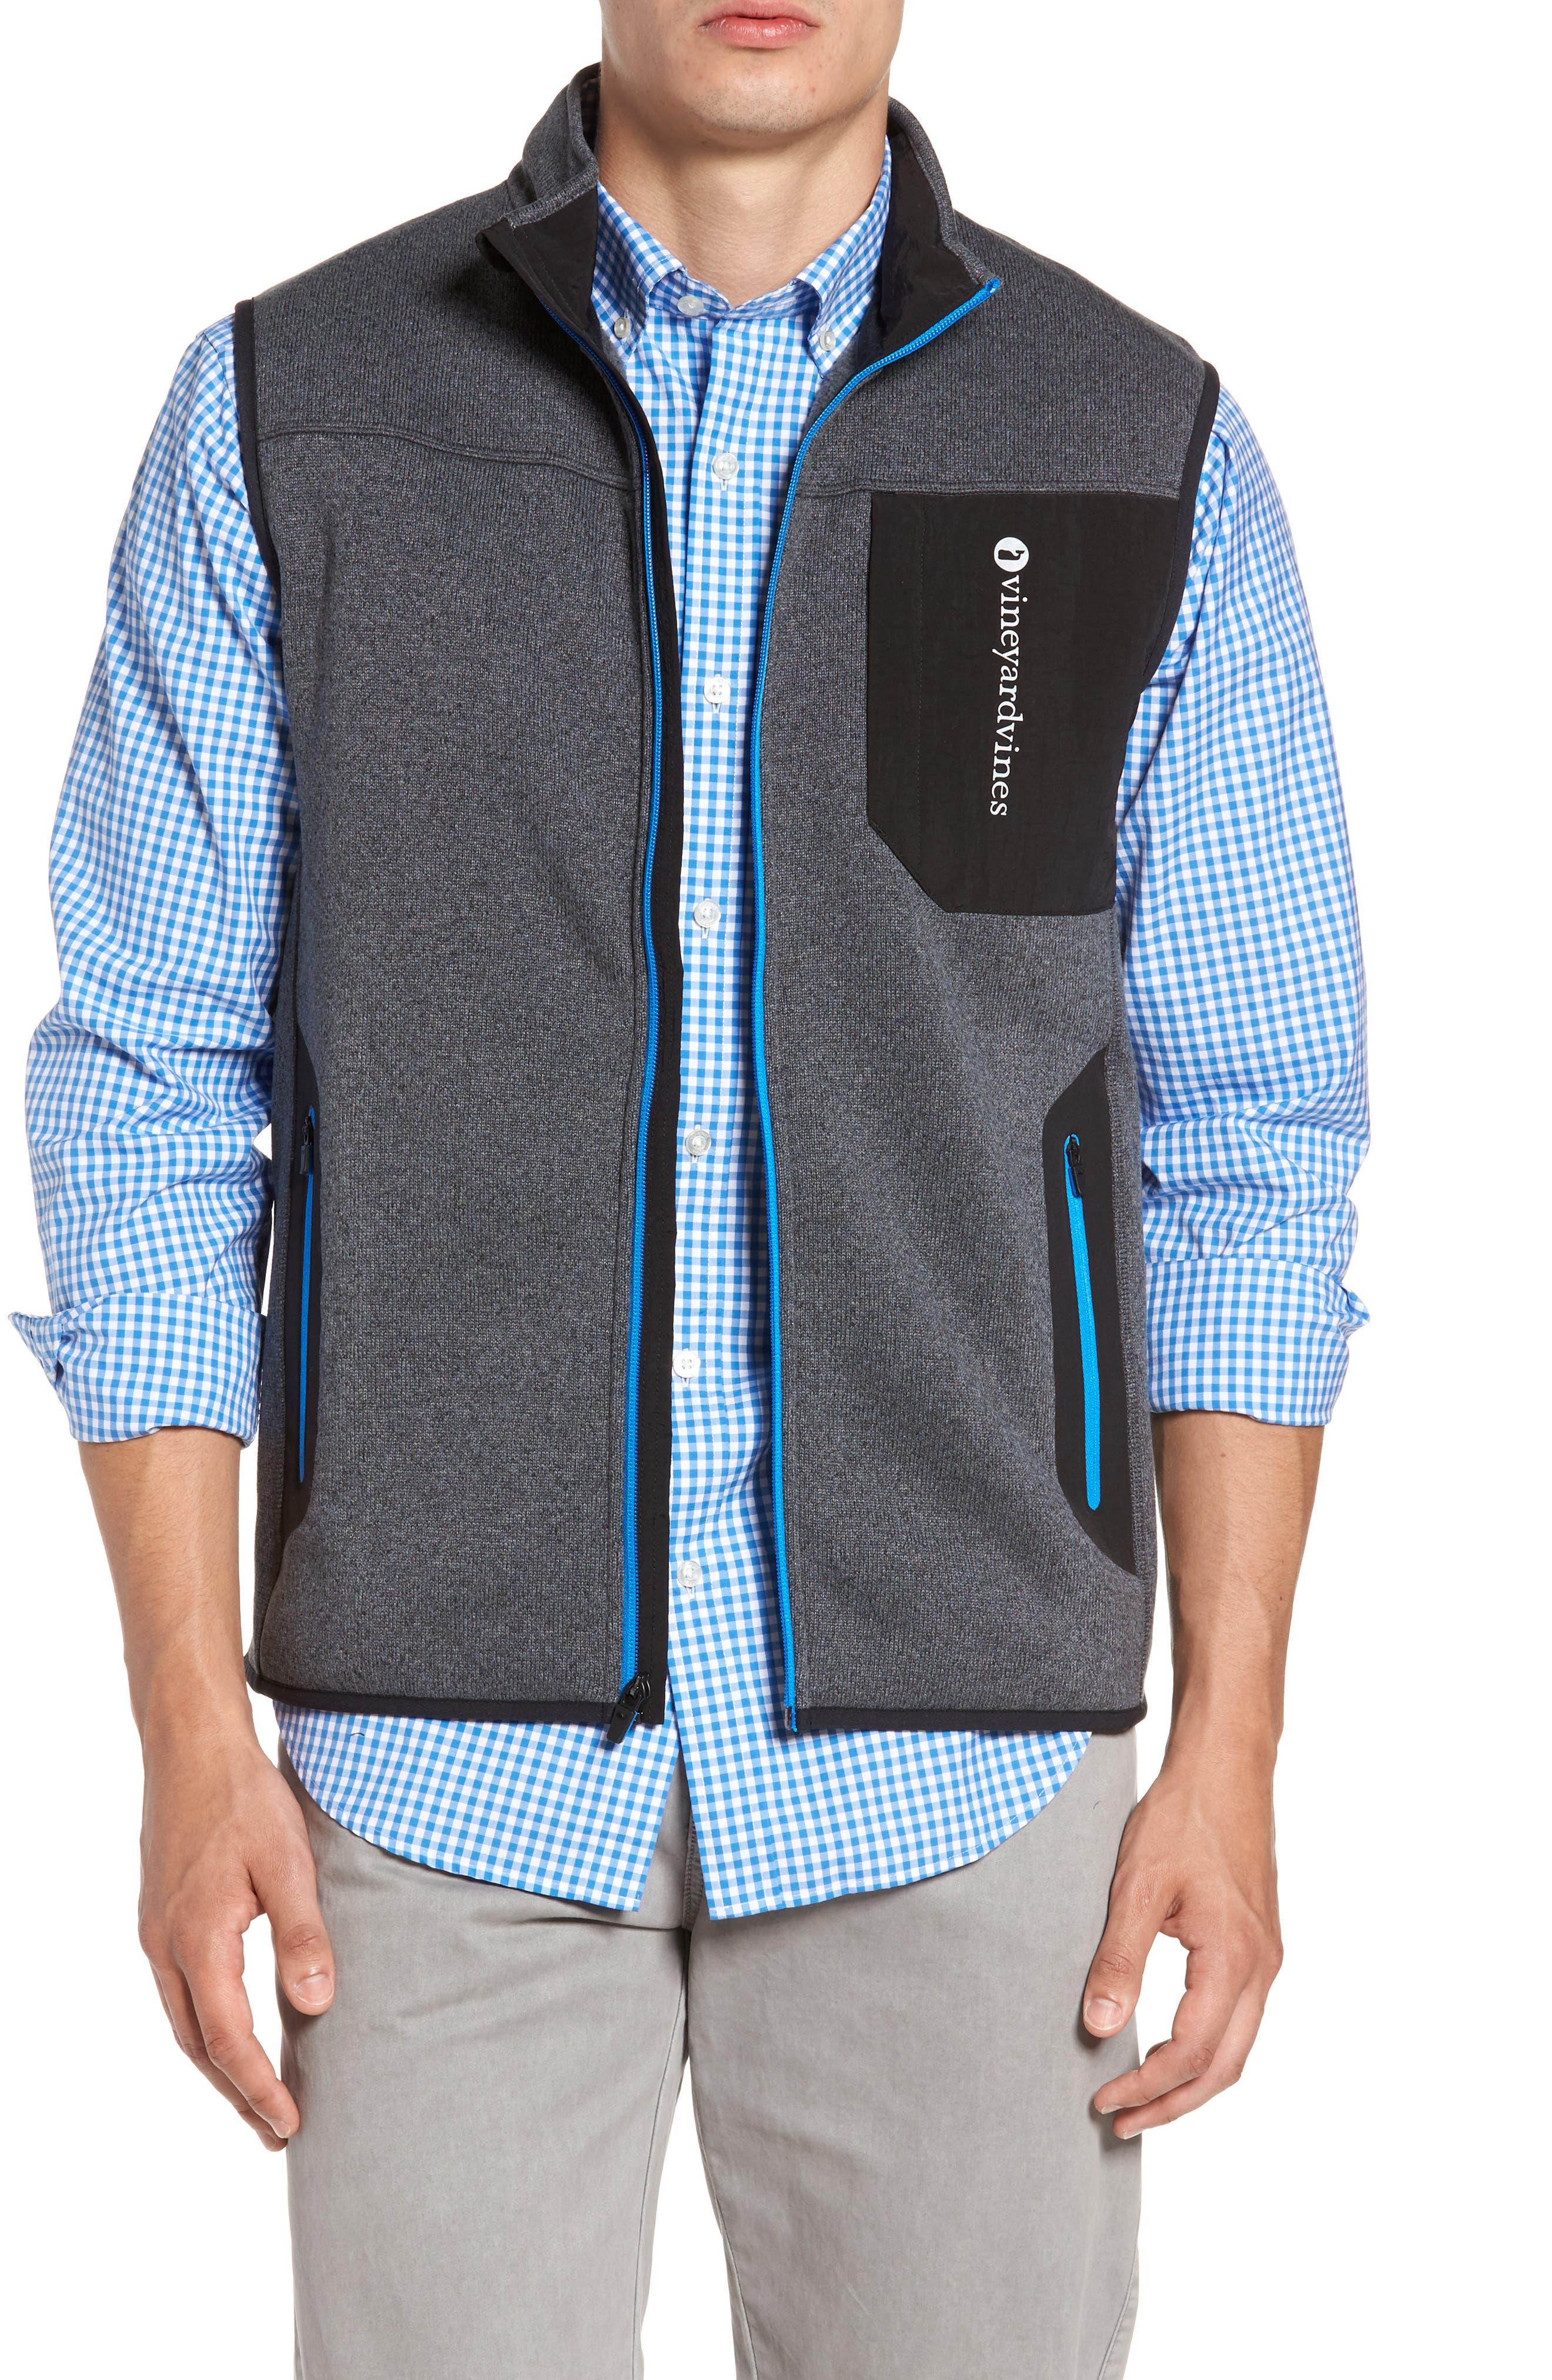 Tech Sweater Fleece Vest,                         Main,                         color, Charcoal